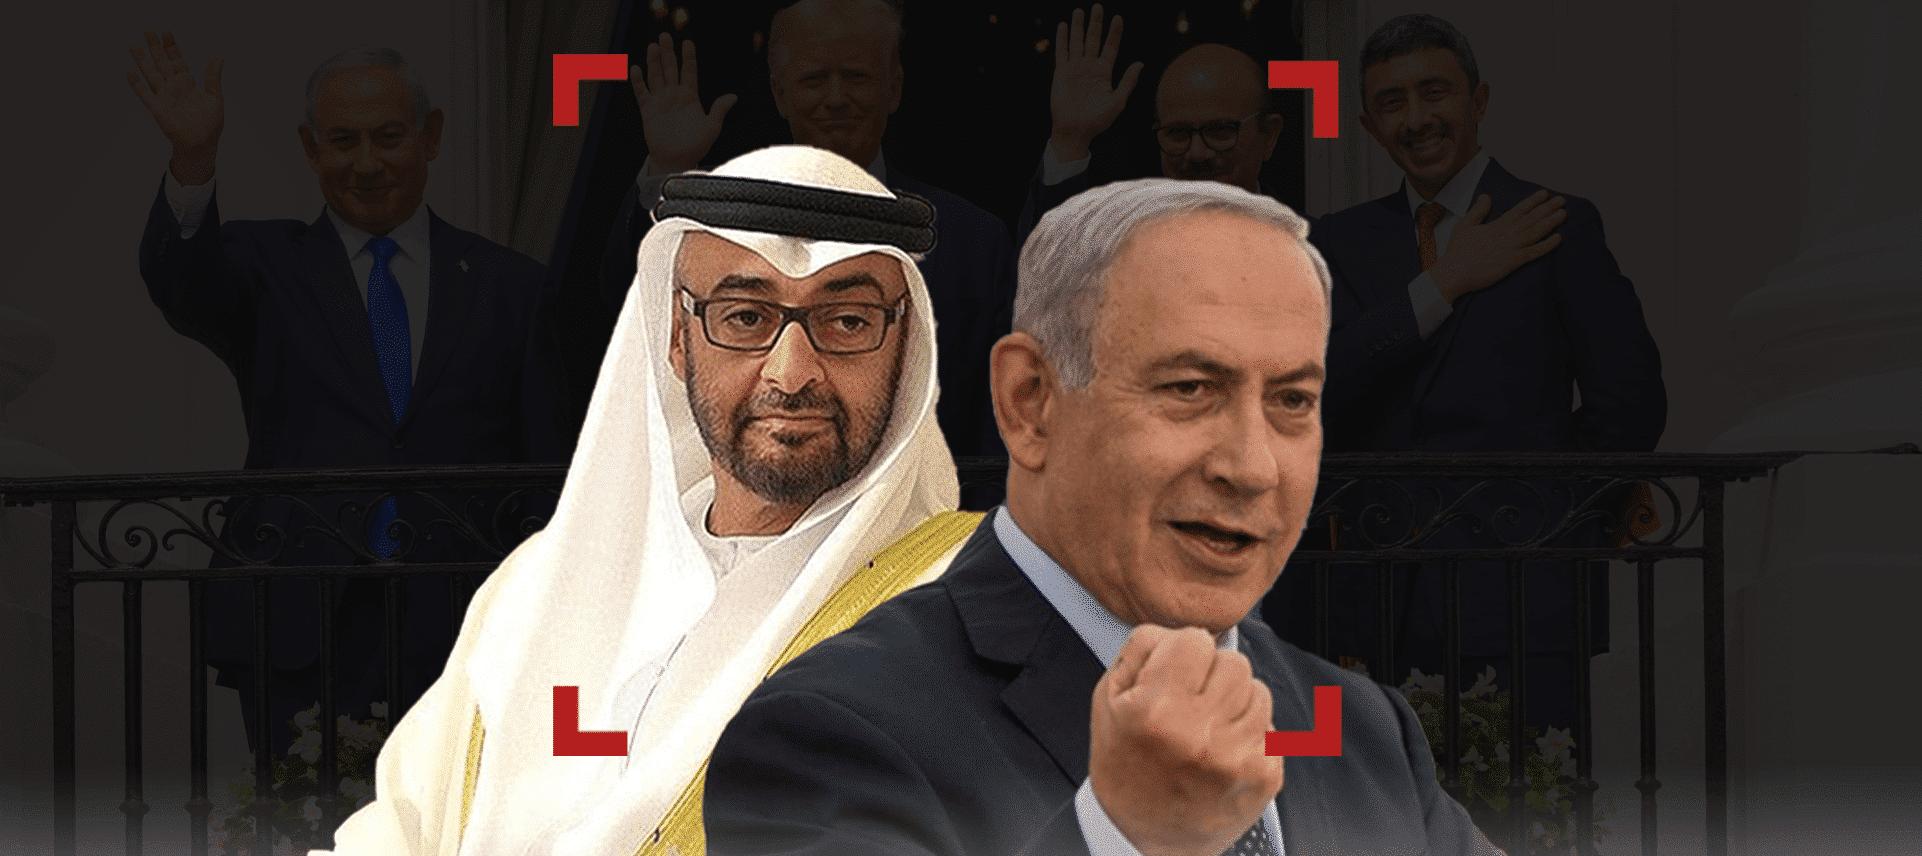 """الإمارات سبقت مصر في الانبطاح.. تقرير إسرائيلي يكشف عن """"برود"""" العلاقة الحميمية مع مصر"""